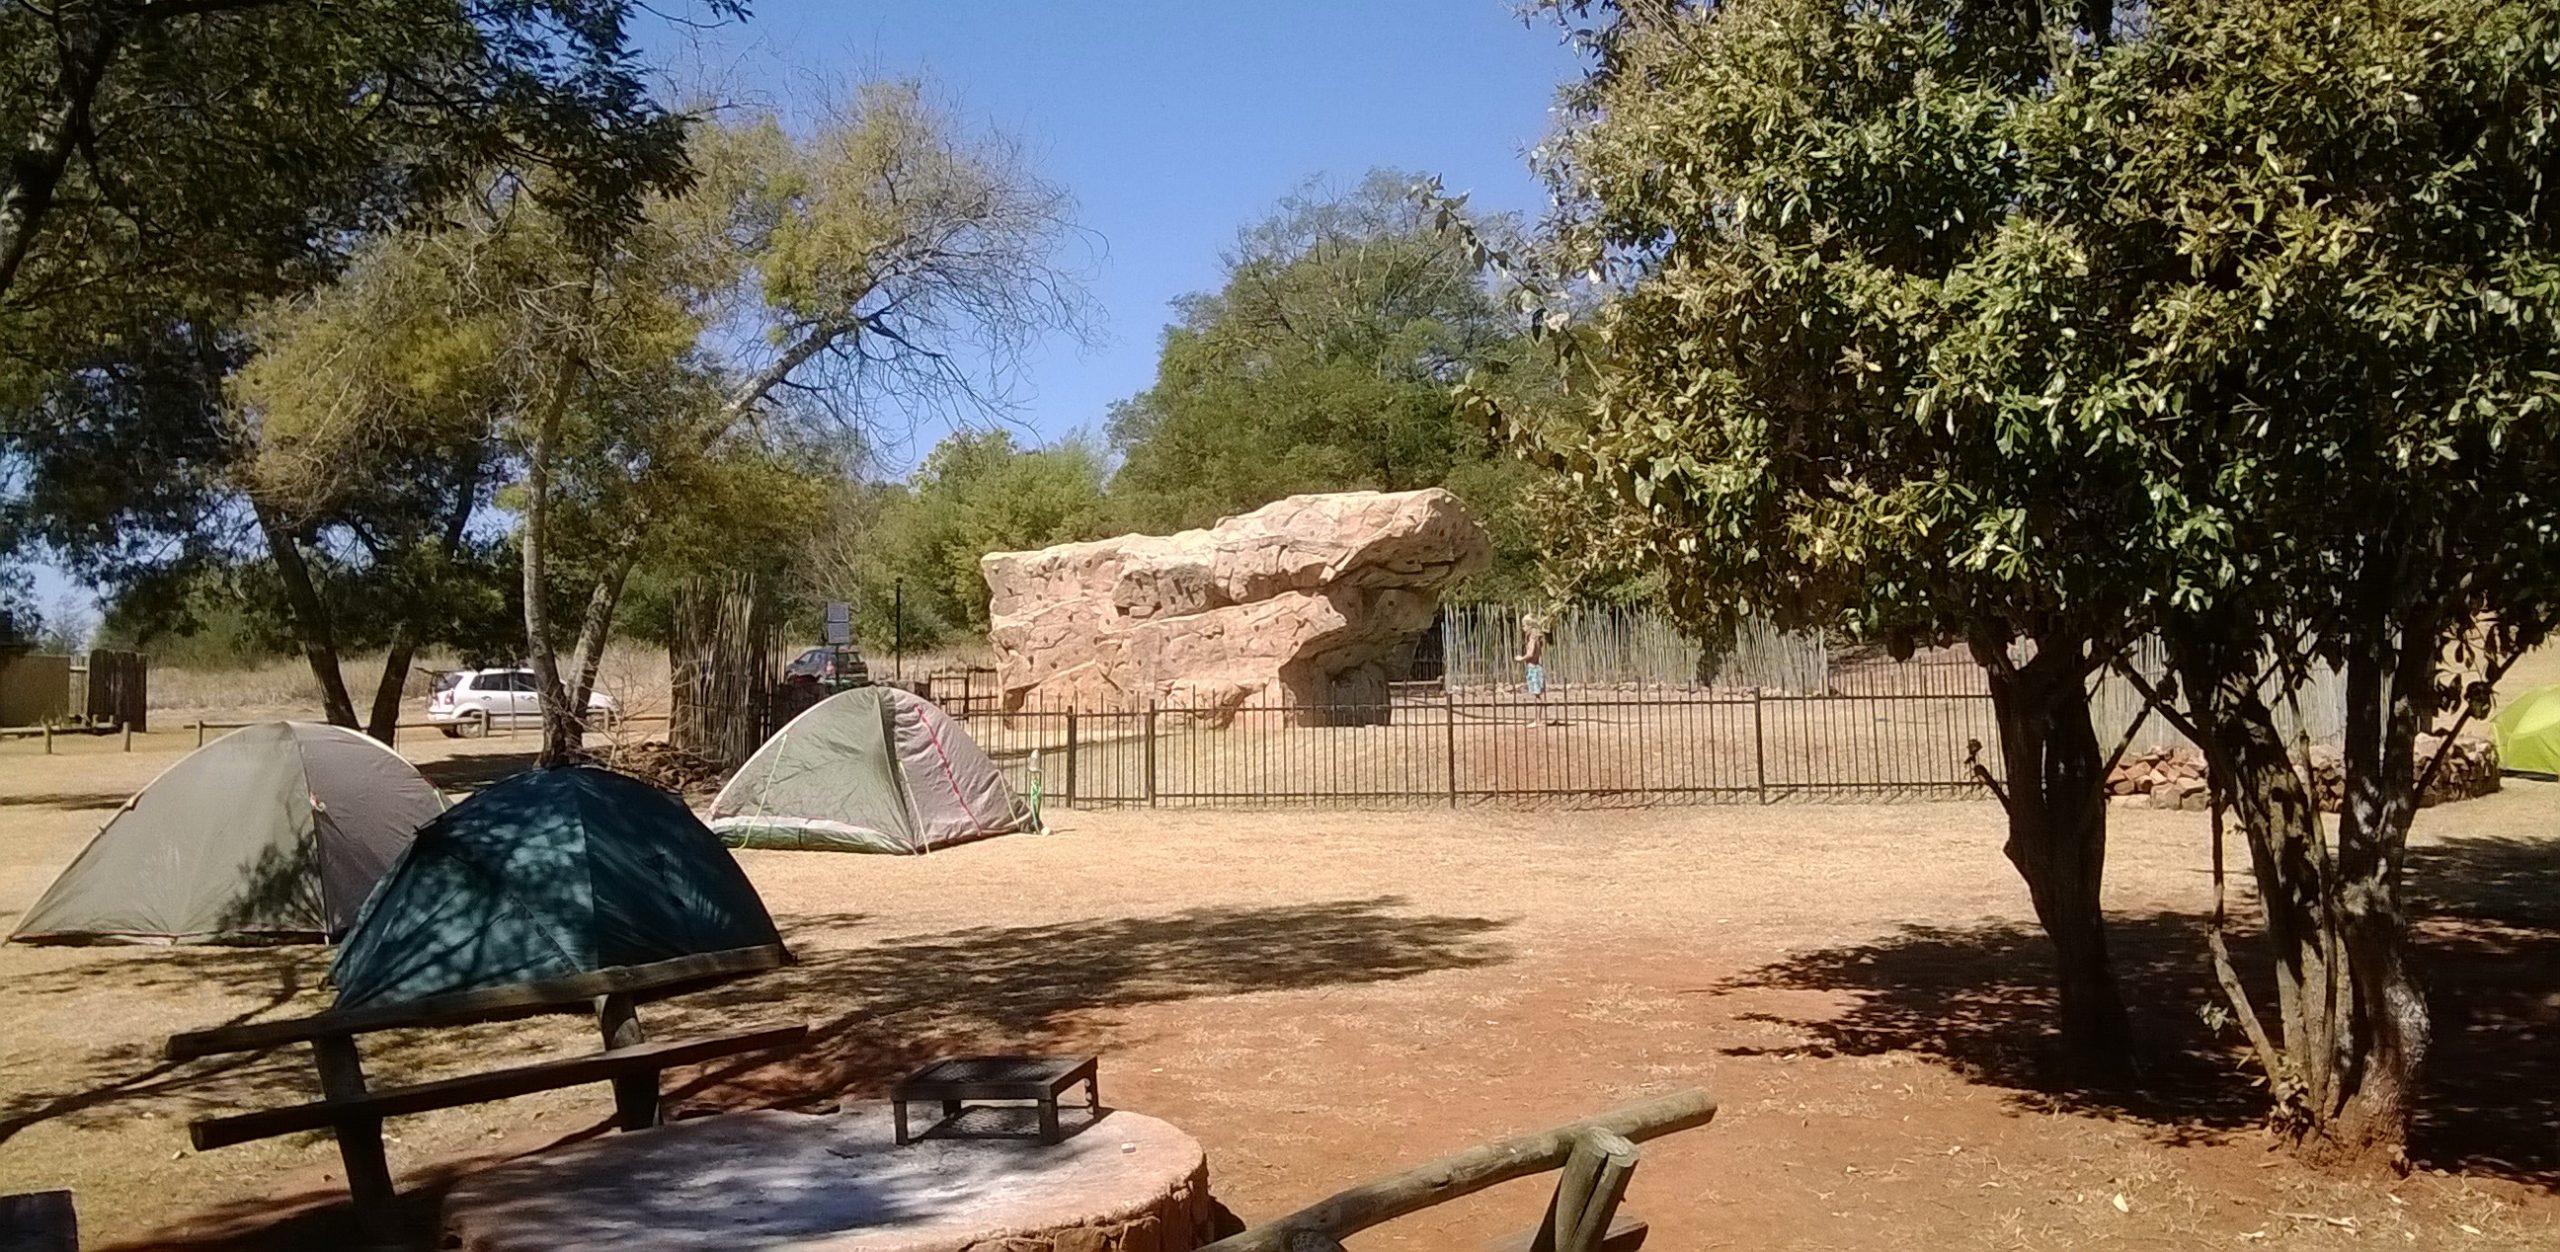 Tranquilitas camping